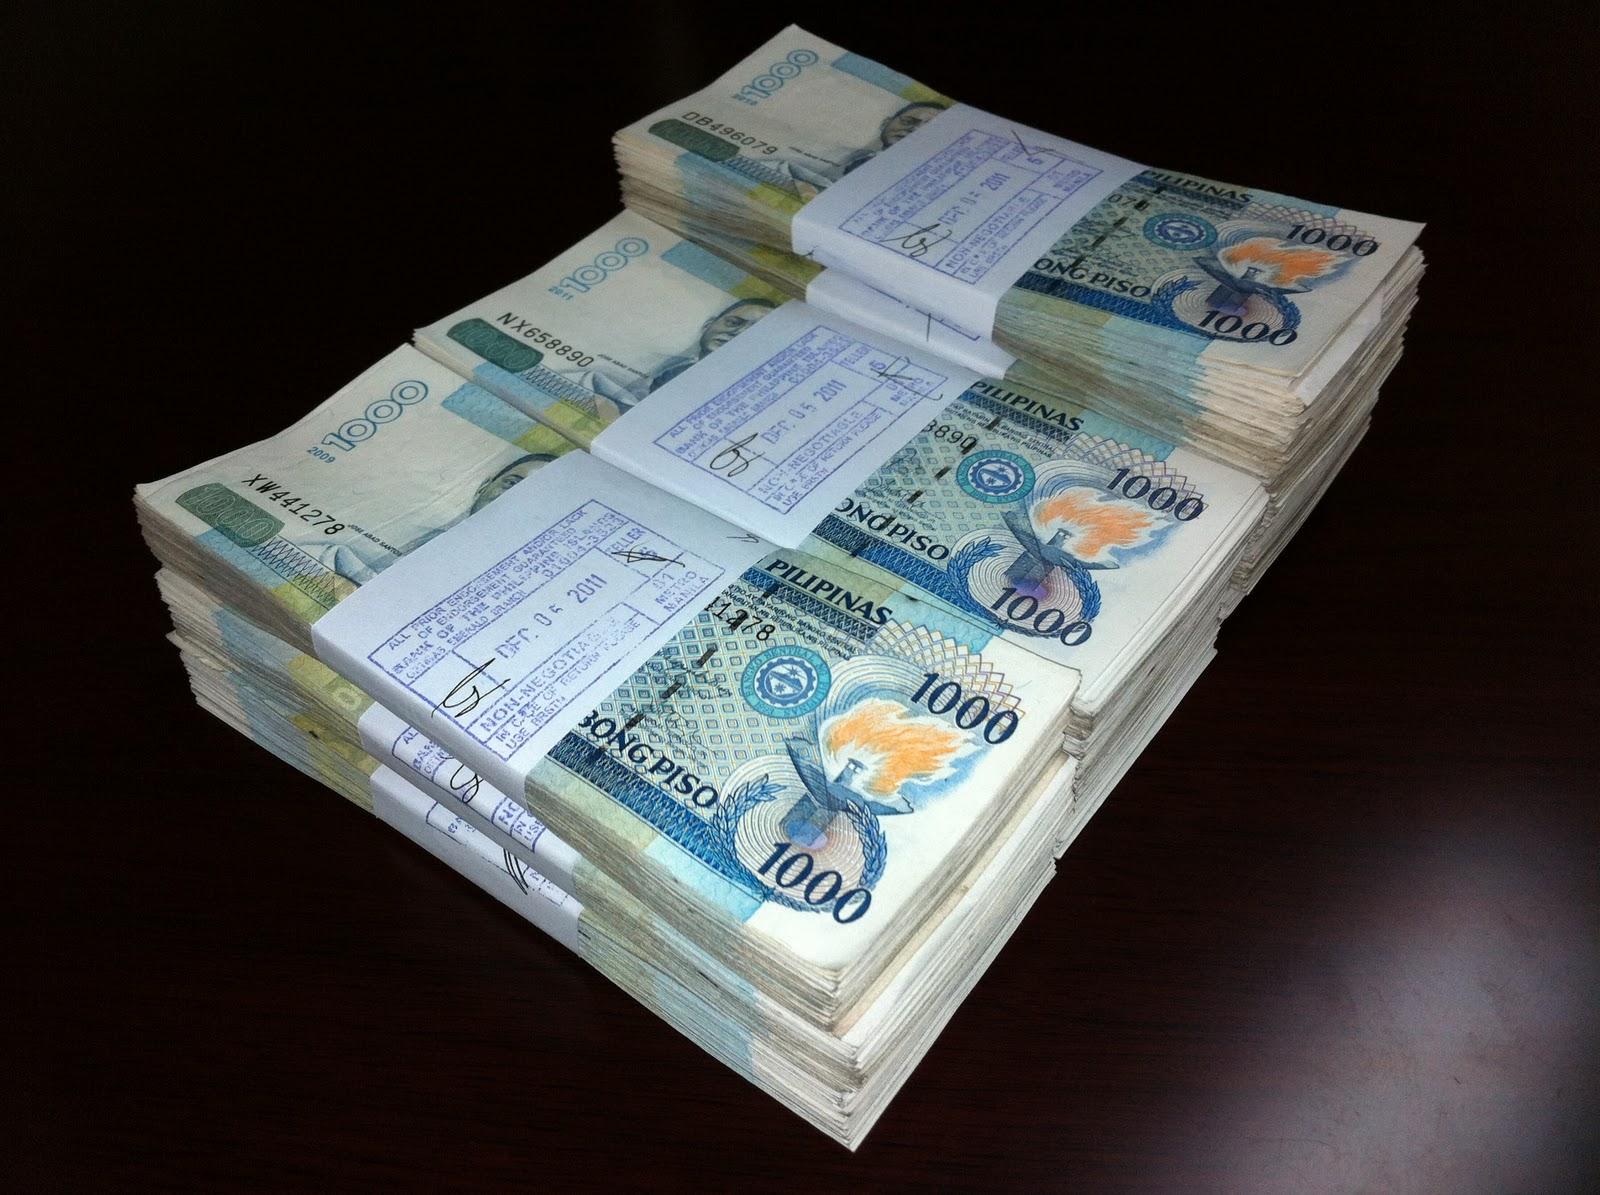 Chạy trốn lính Philippines, IS bỏ lại đống tiền 36 tỷ đồng - 2